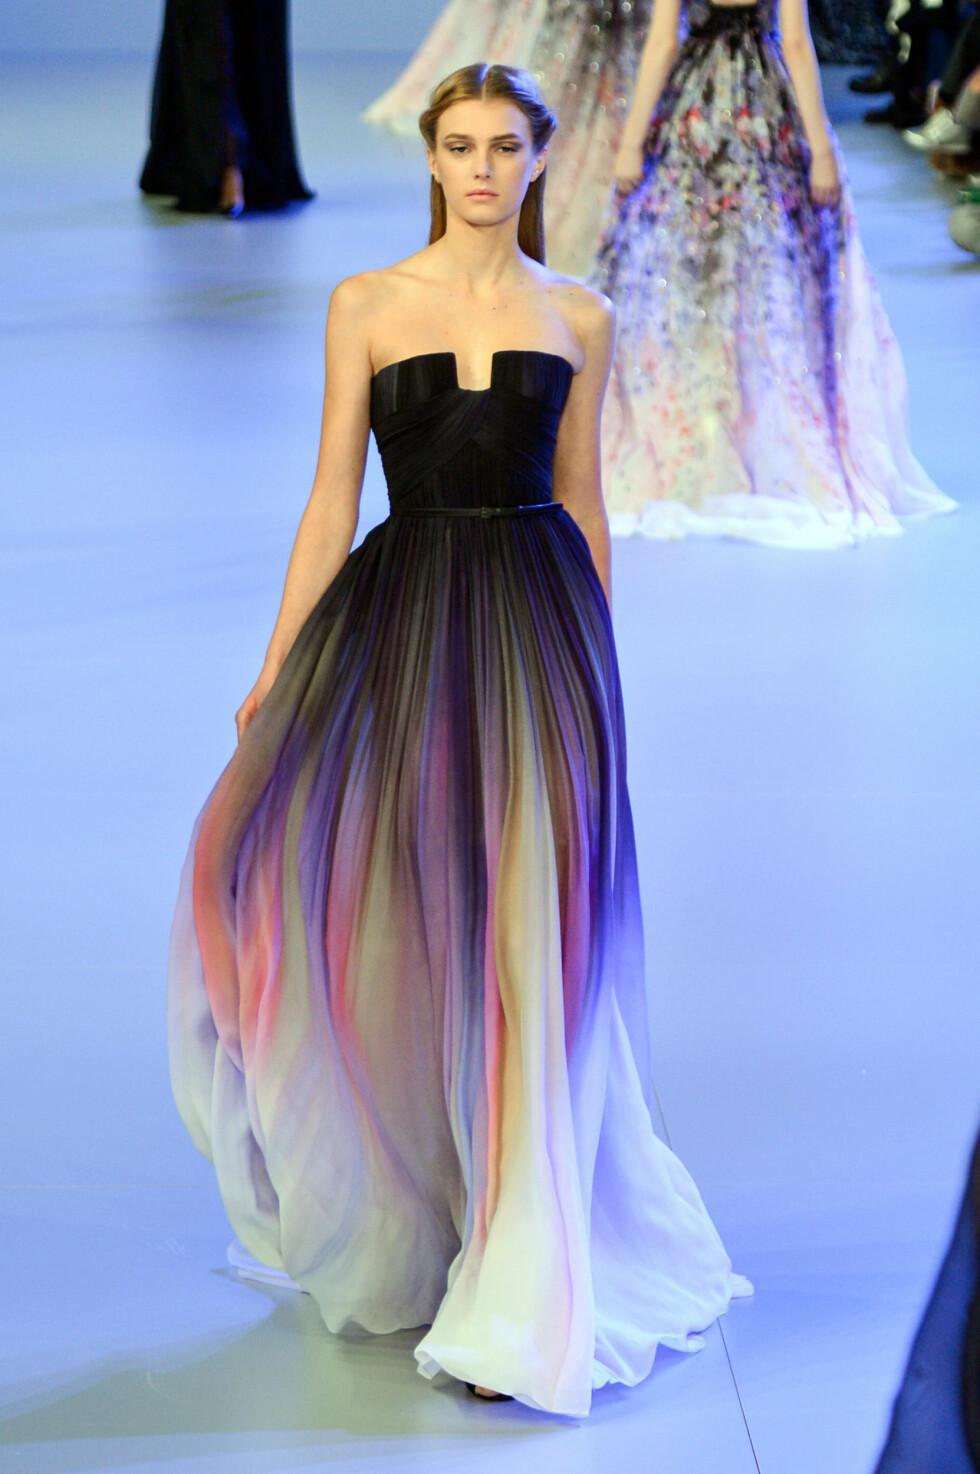 YNDIG: På catwalken under  Paris Fashion Week i januar, var Eli Saab-kjolen derimot stylet med diskret sminke og en alveaktig frisyre.  Foto: FameFlynet Sweden